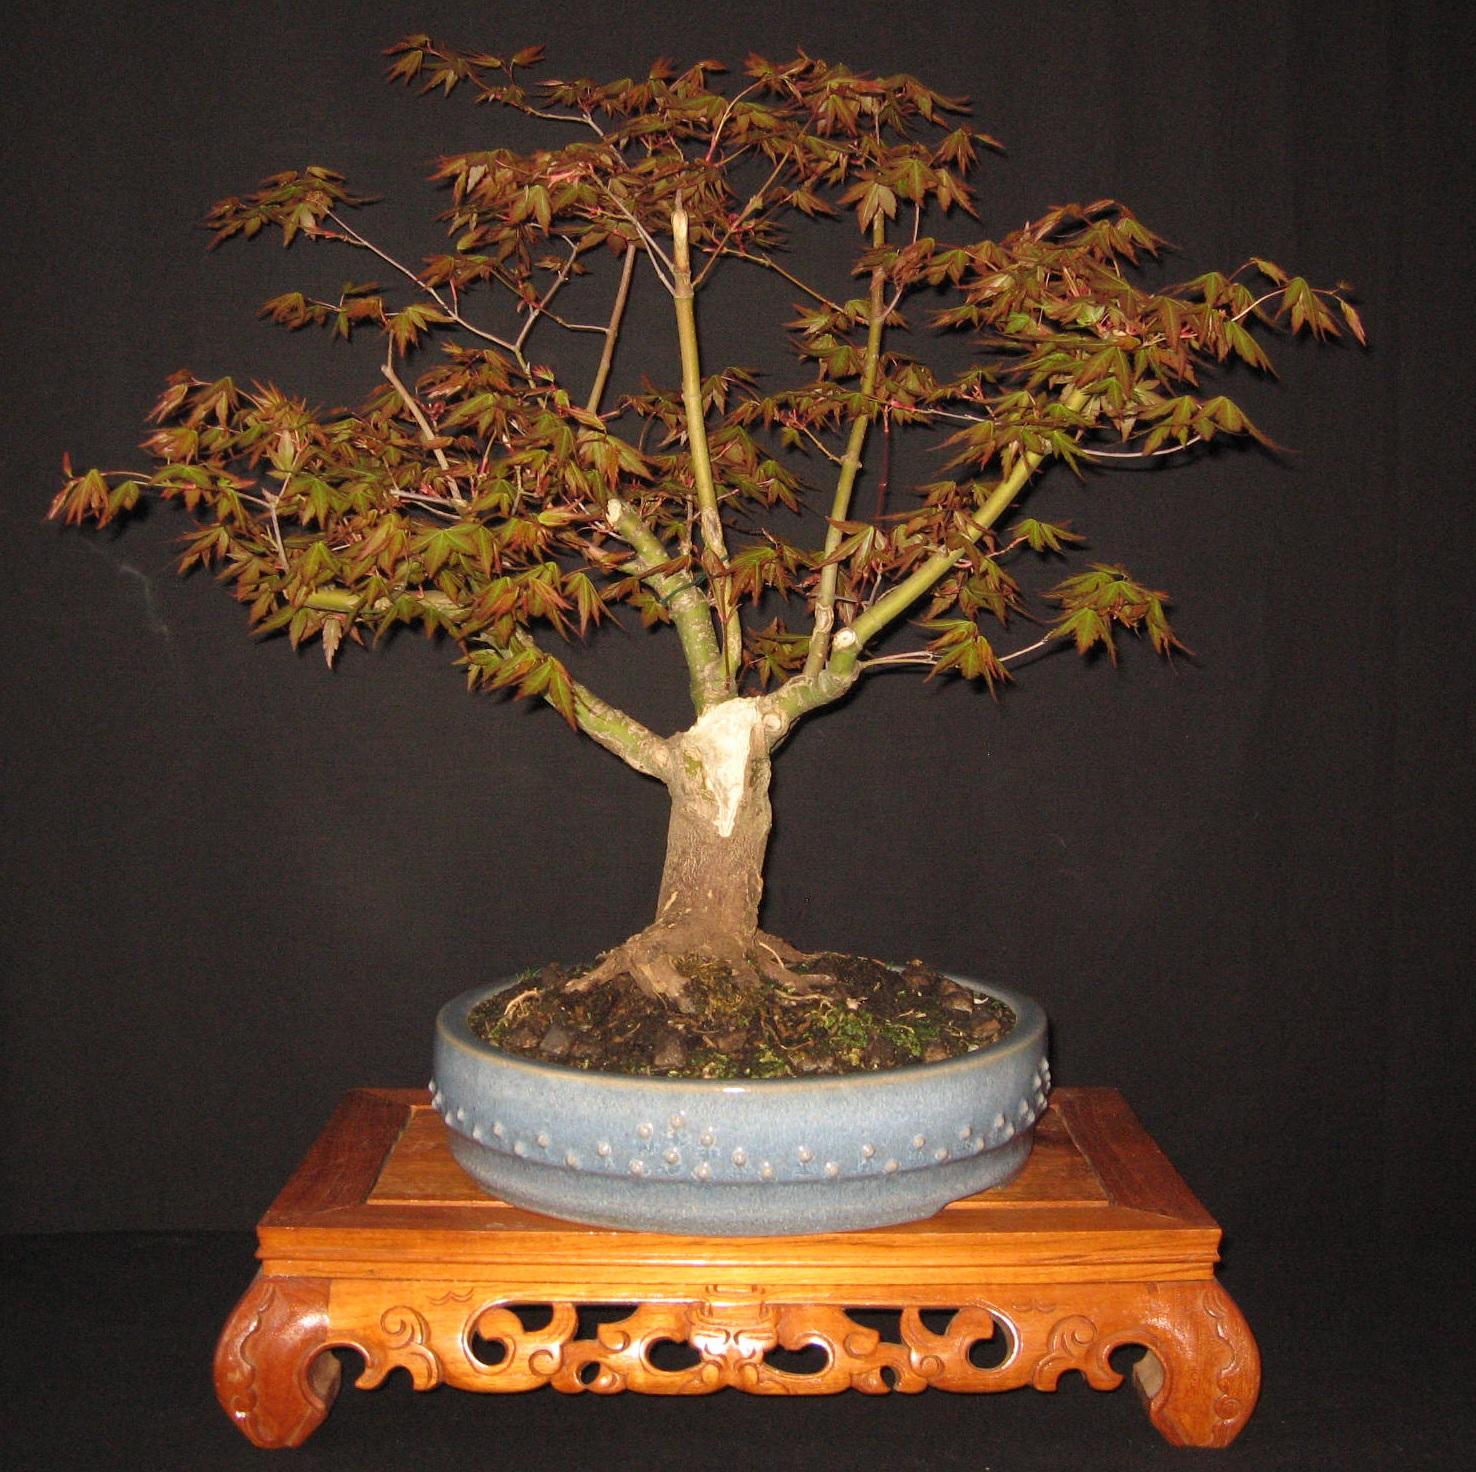 bonsai das sch nste hobby der welt katsura ahorn die. Black Bedroom Furniture Sets. Home Design Ideas